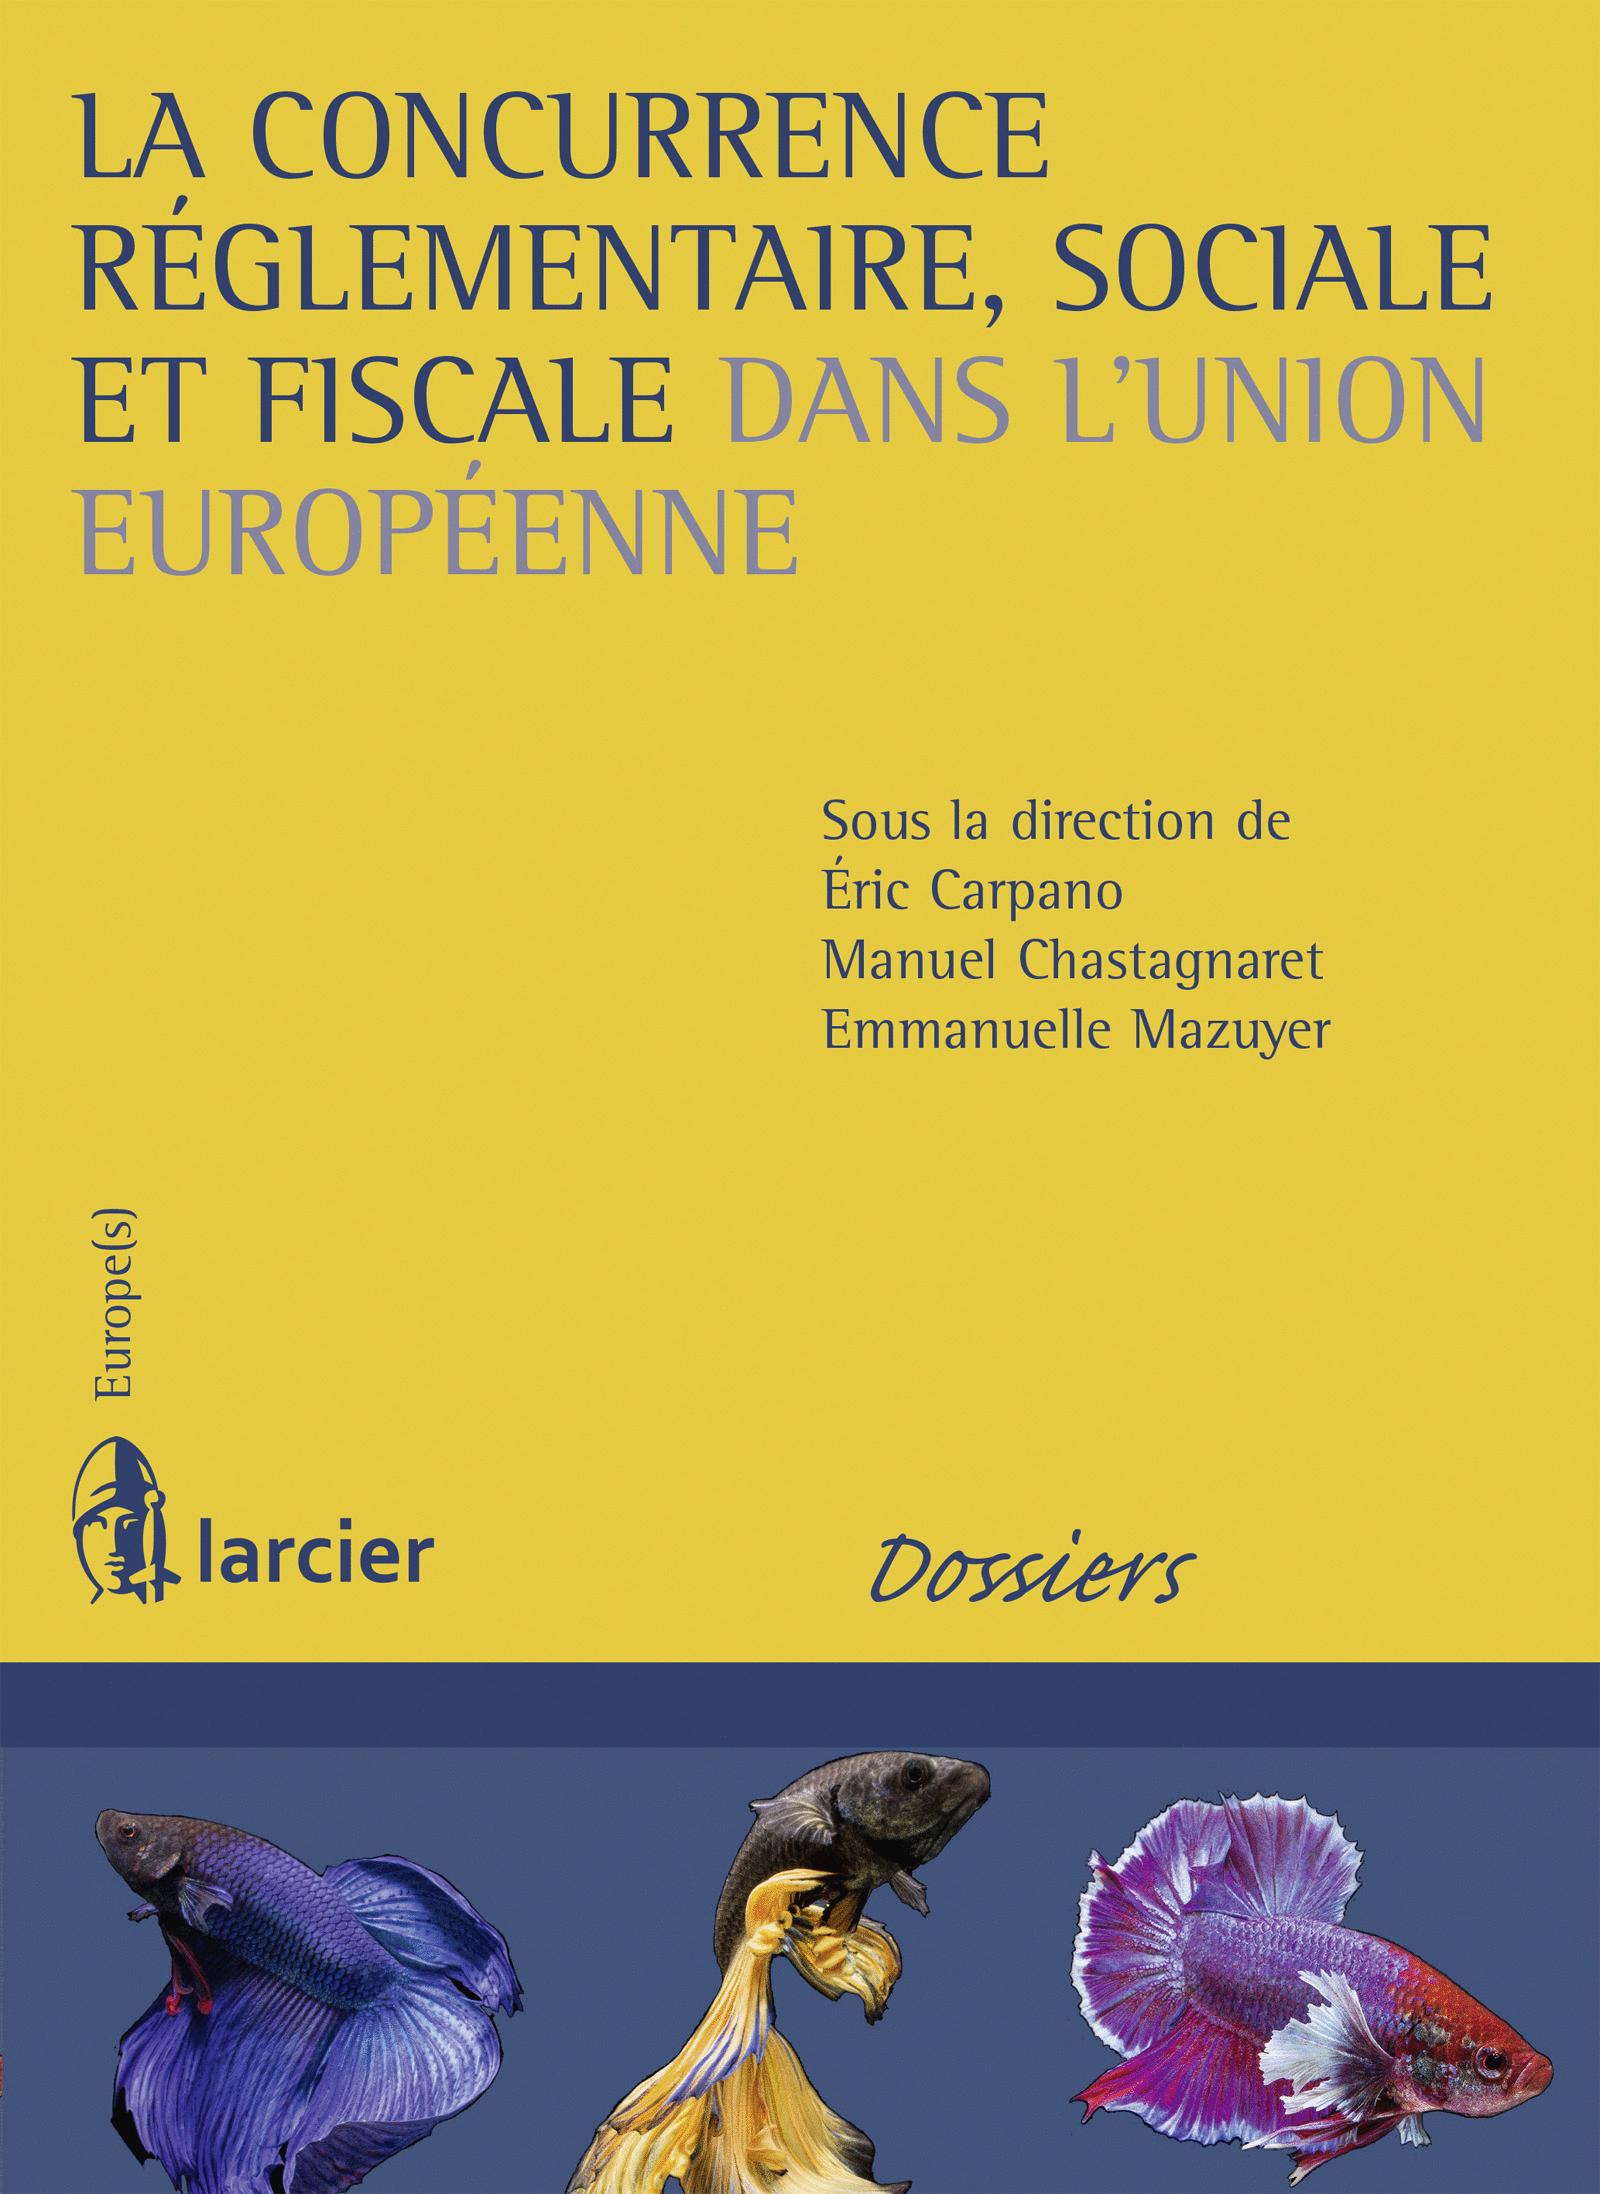 La concurrence réglementaire, sociale et fiscale dans l'Union Européenne